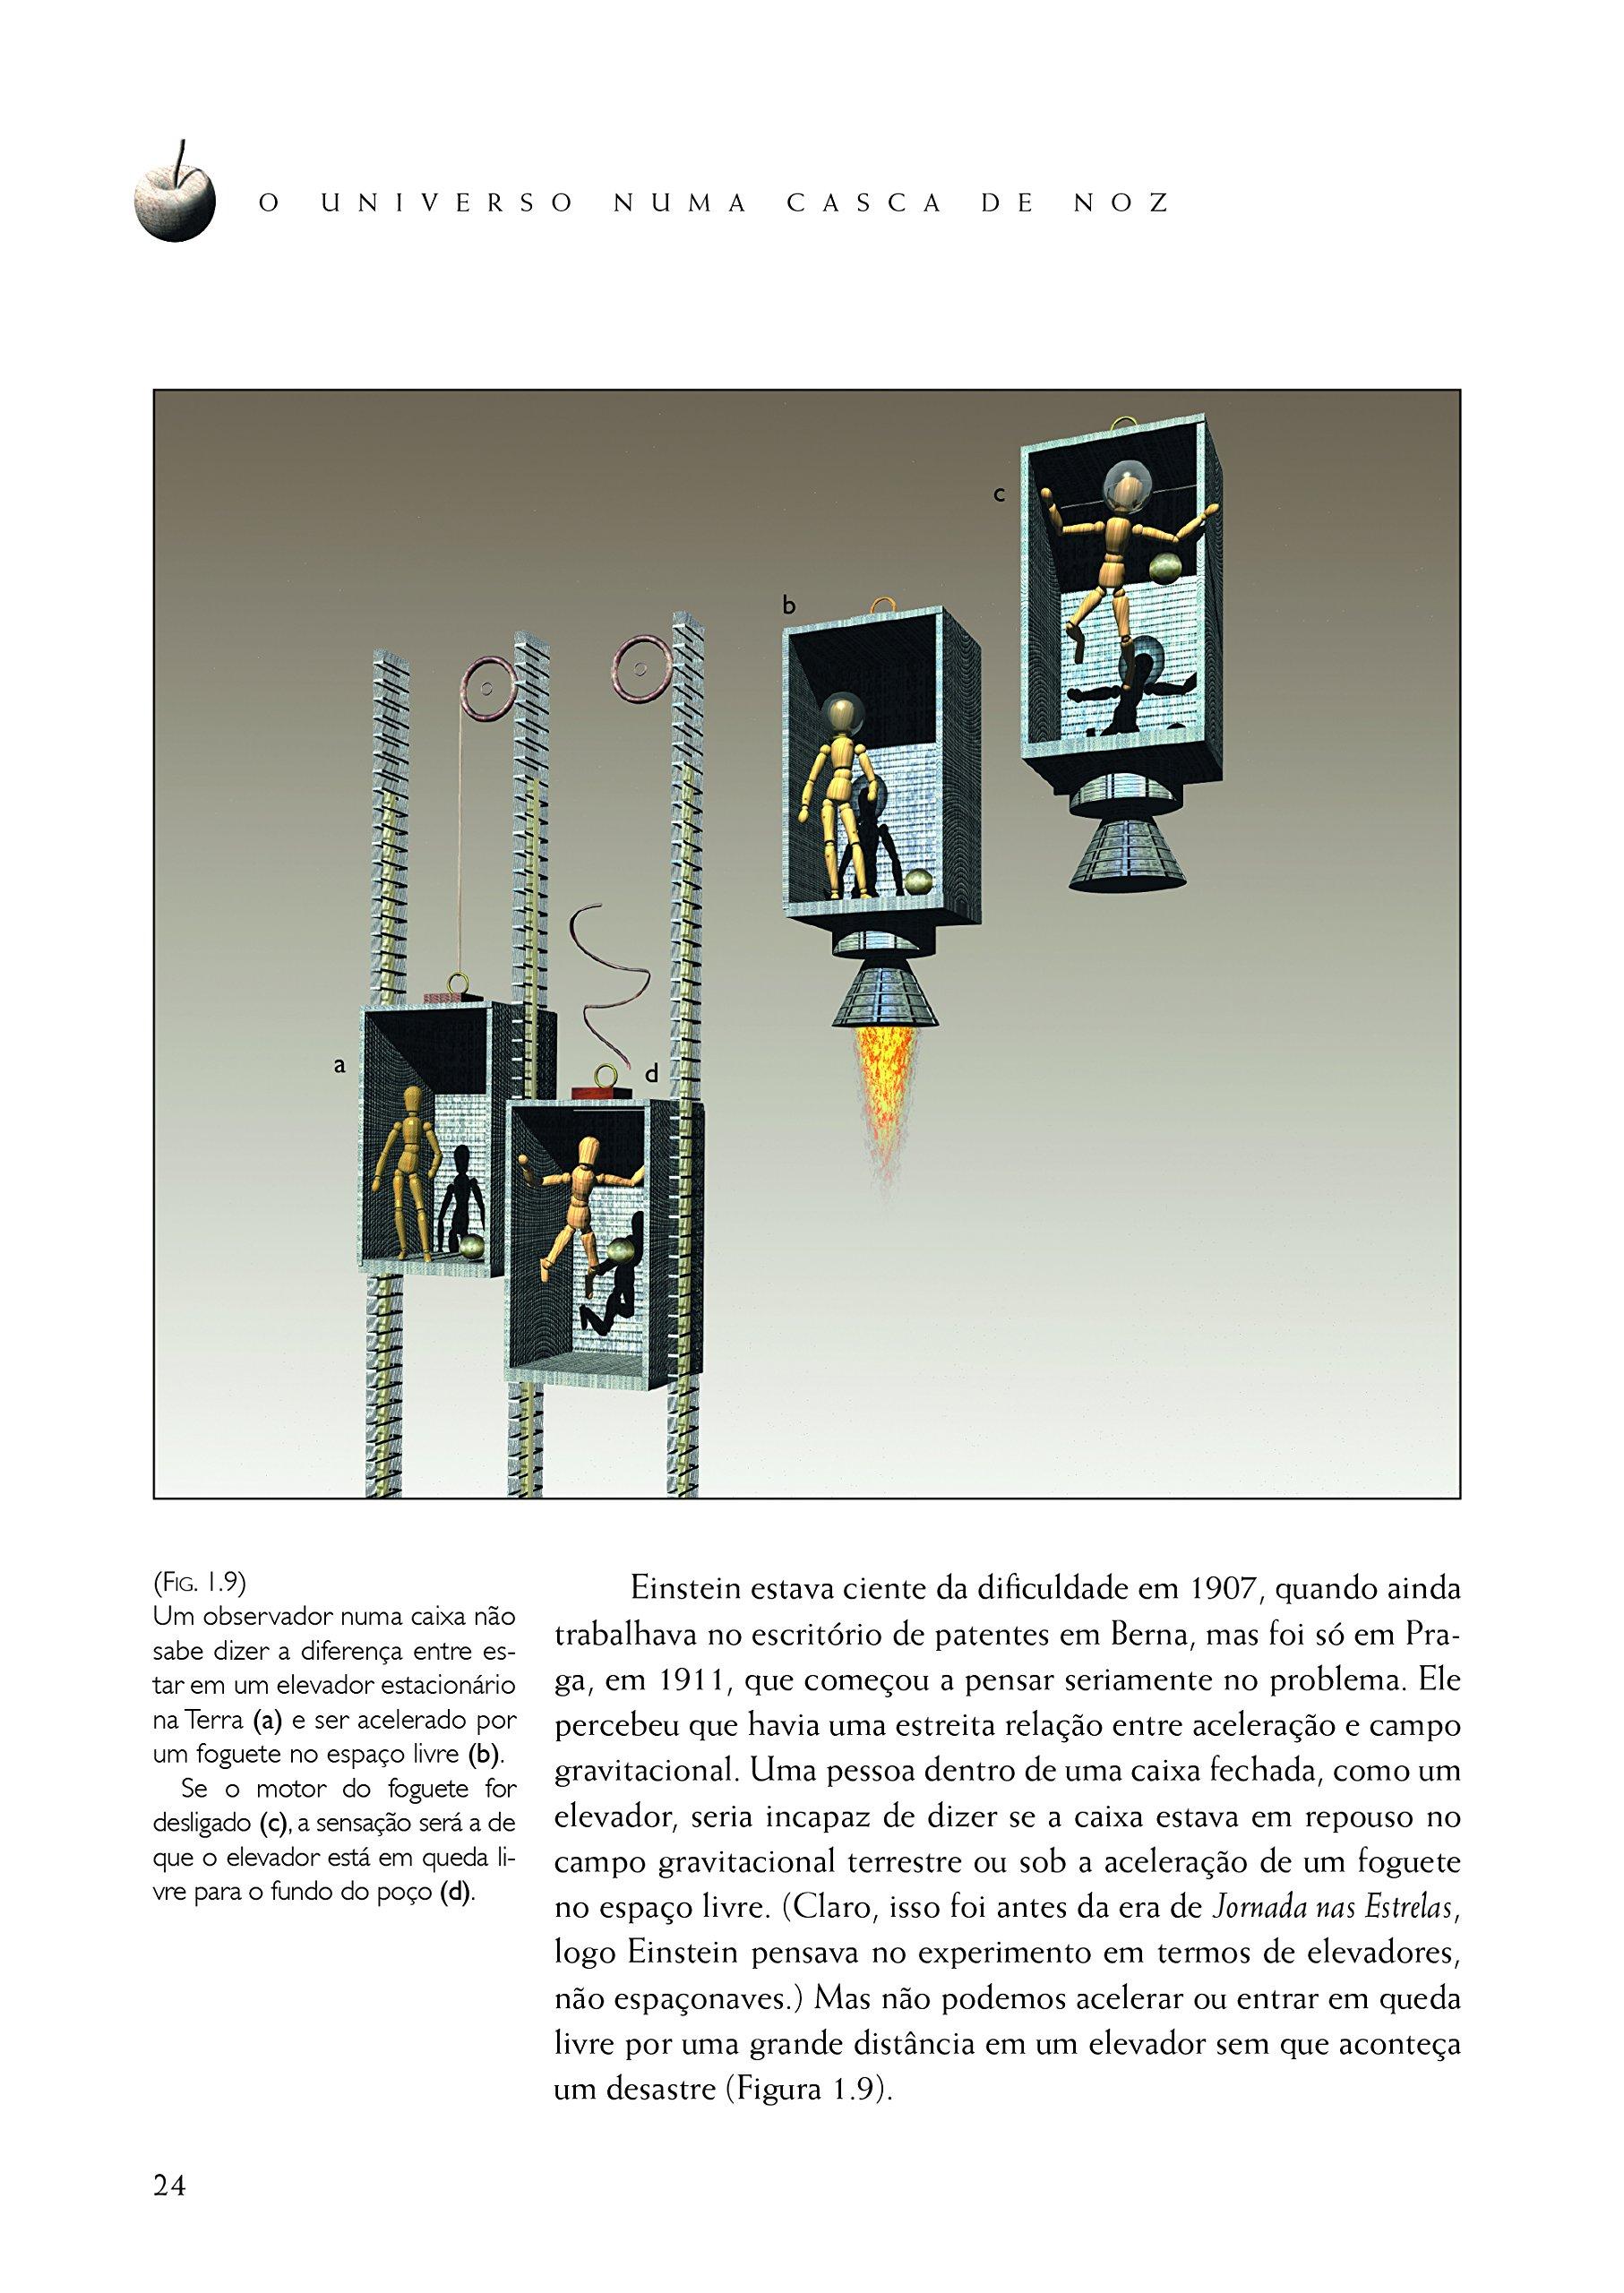 2dade4995b7b8 O Universo Numa Casca de Noz - Livros na Amazon Brasil- 9788580578898